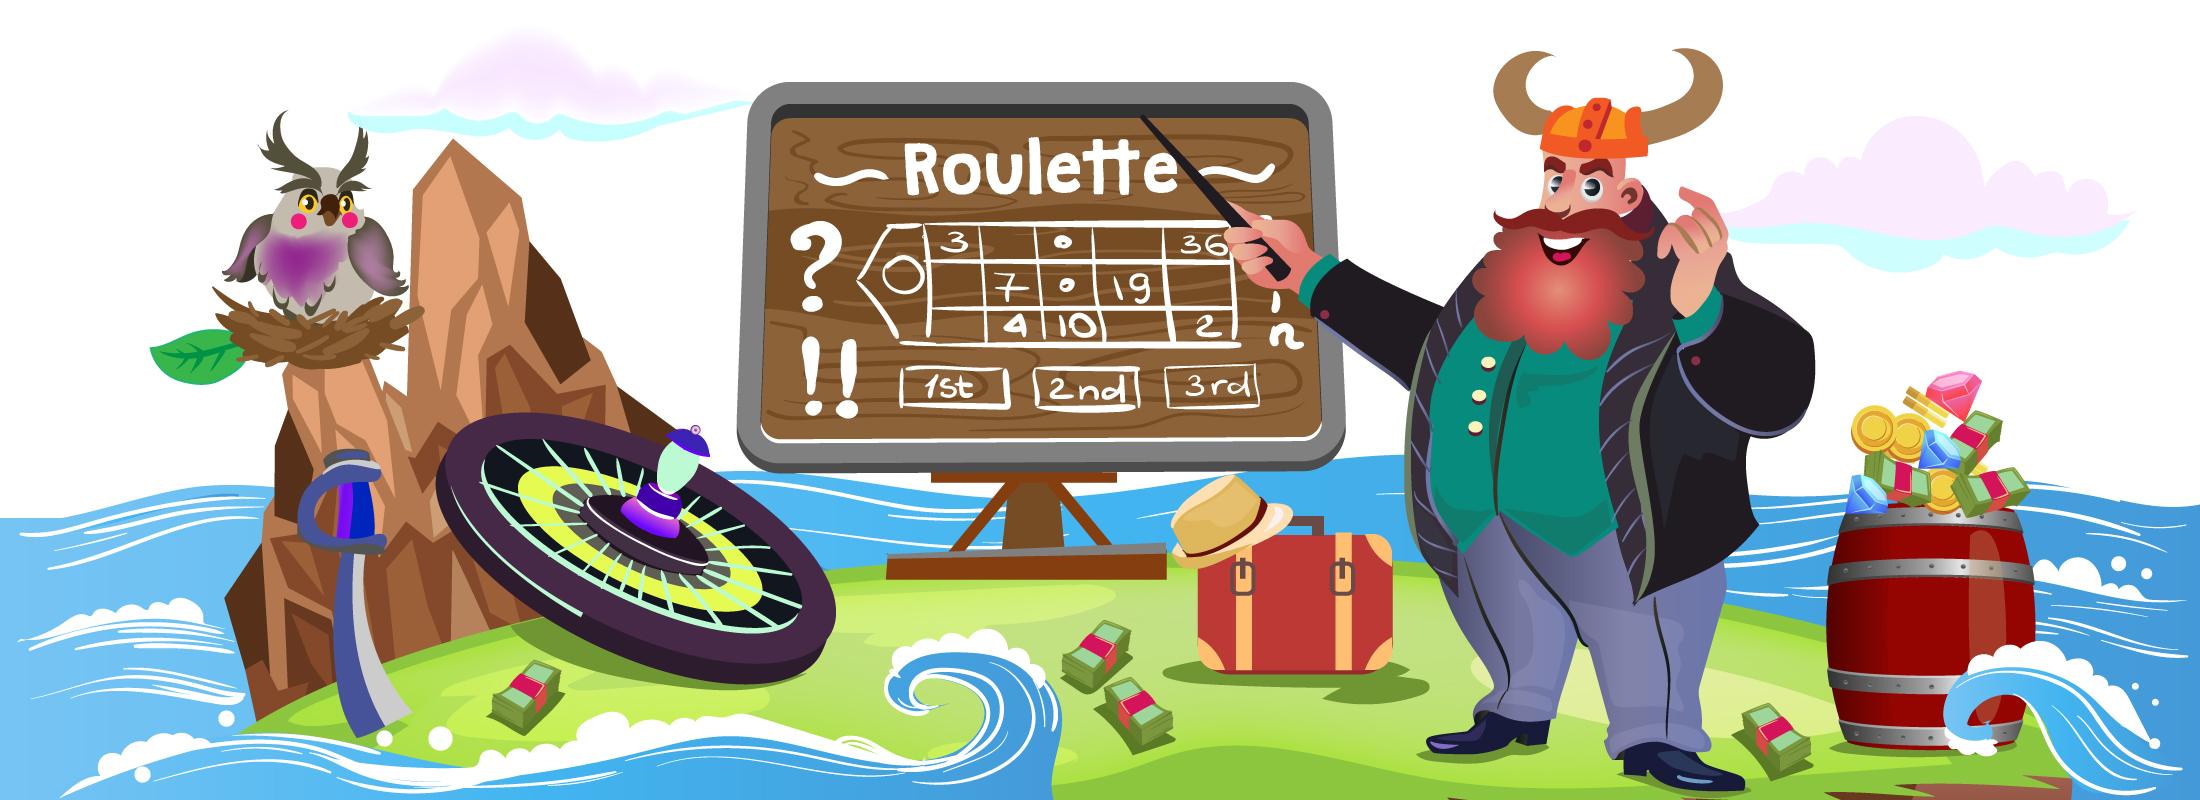 Kurs 5: Roulette